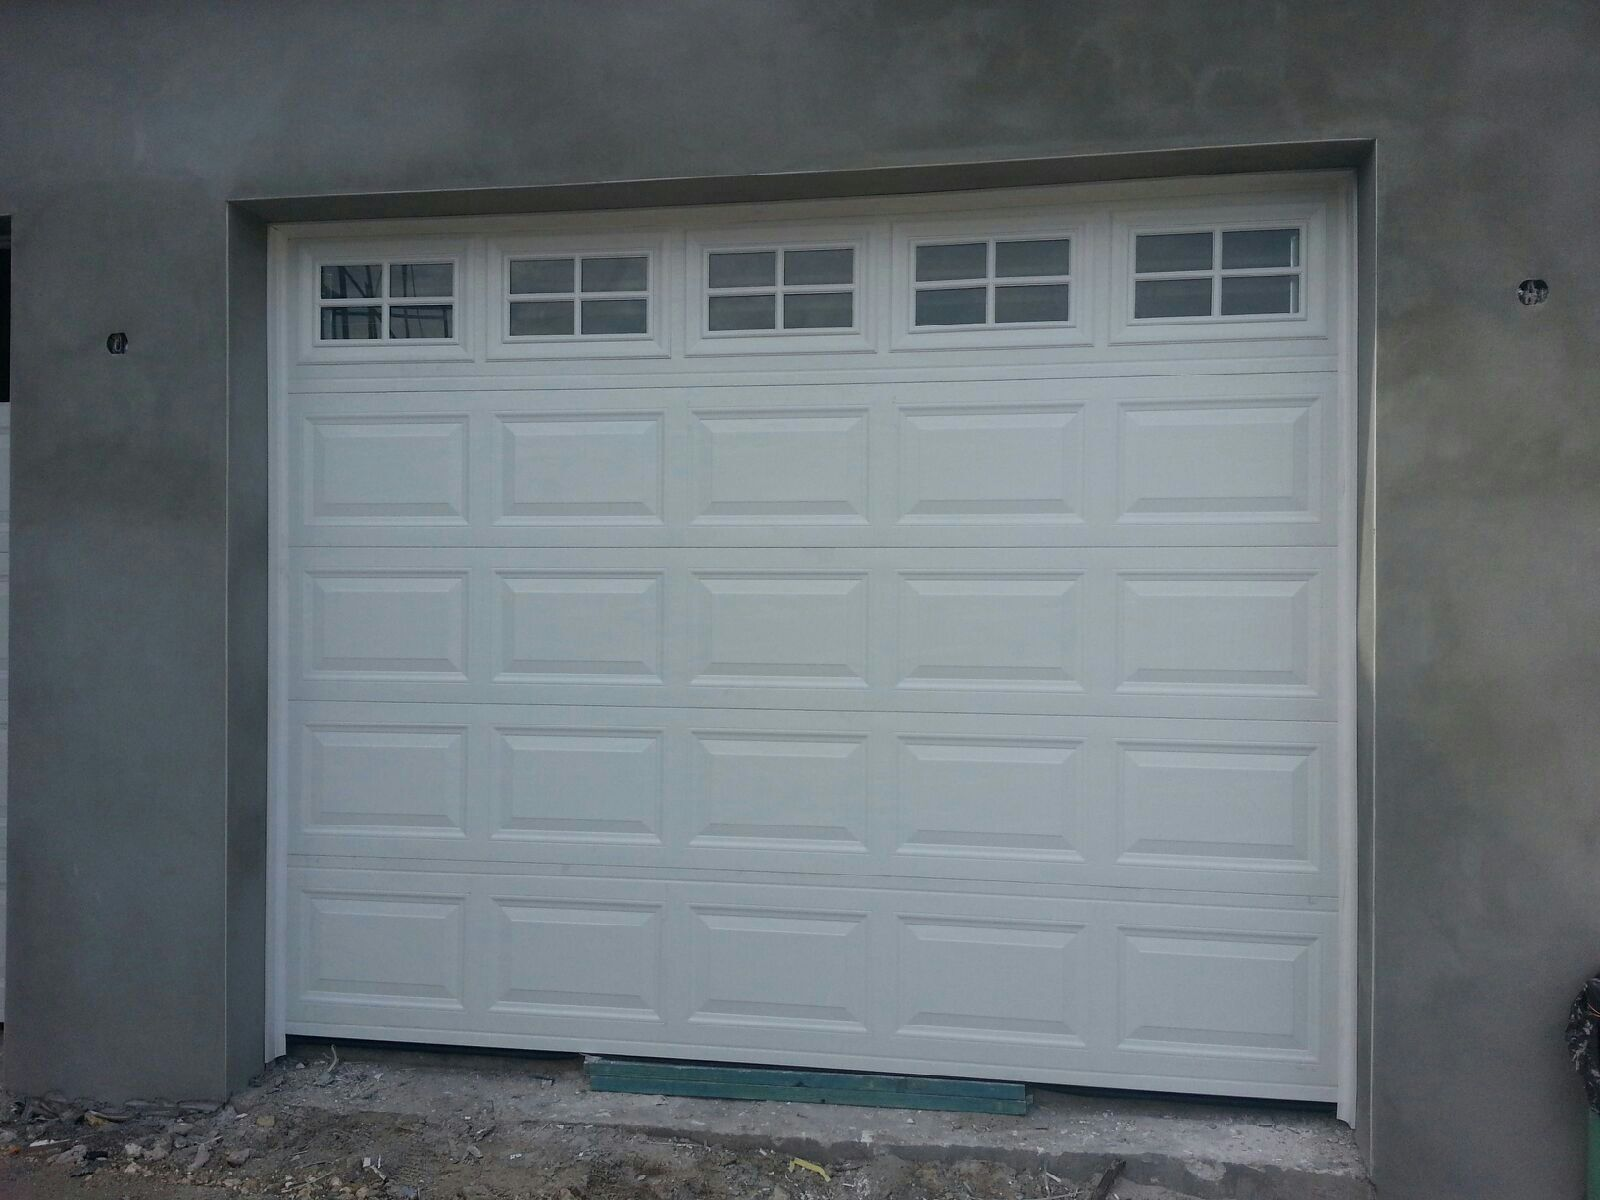 3 Panel Garage Door Three Panel Carriage House Garage